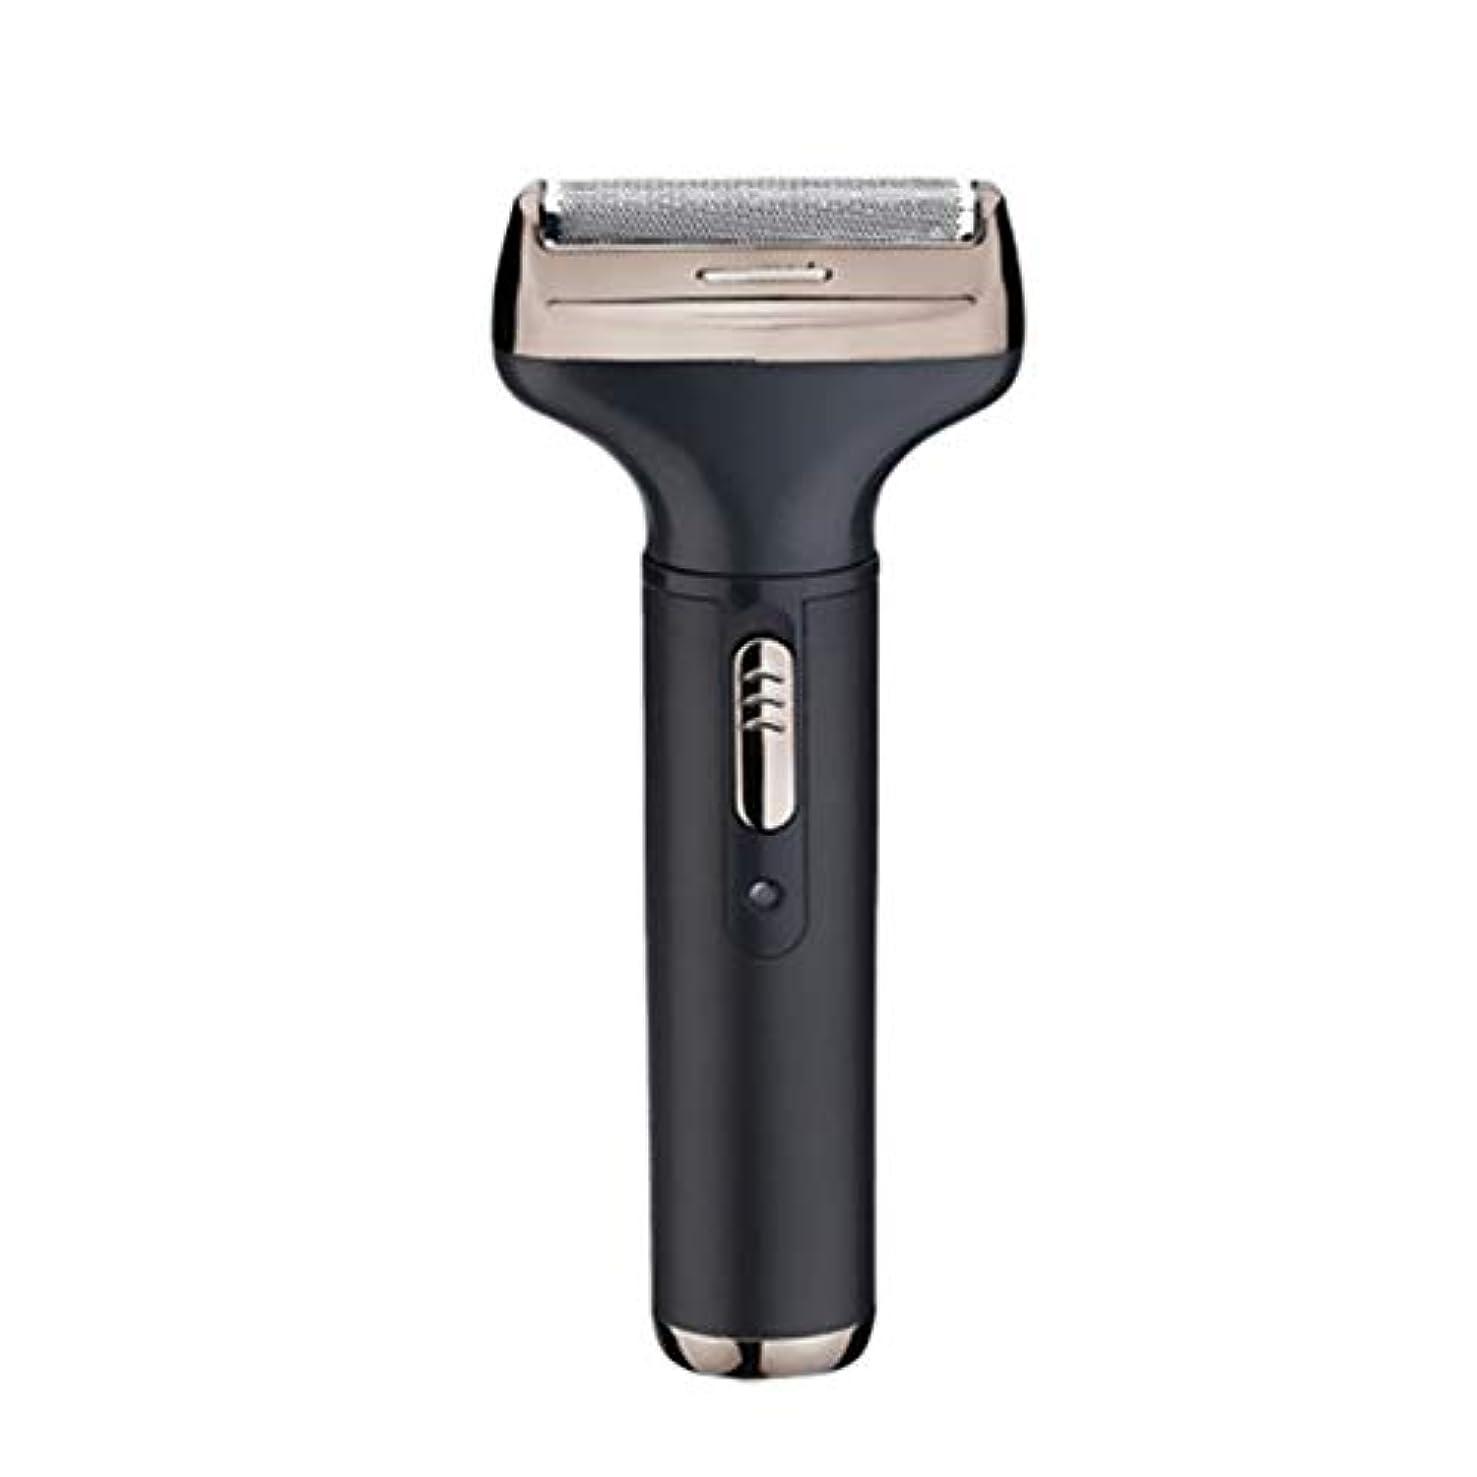 発揮する教育前提条件電動鼻毛トリマーのワンボタンデザインは、使いやすく快適で使いやすい独自の切断システムにより、鼻から余分な髪を効果的かつ快適に除去します